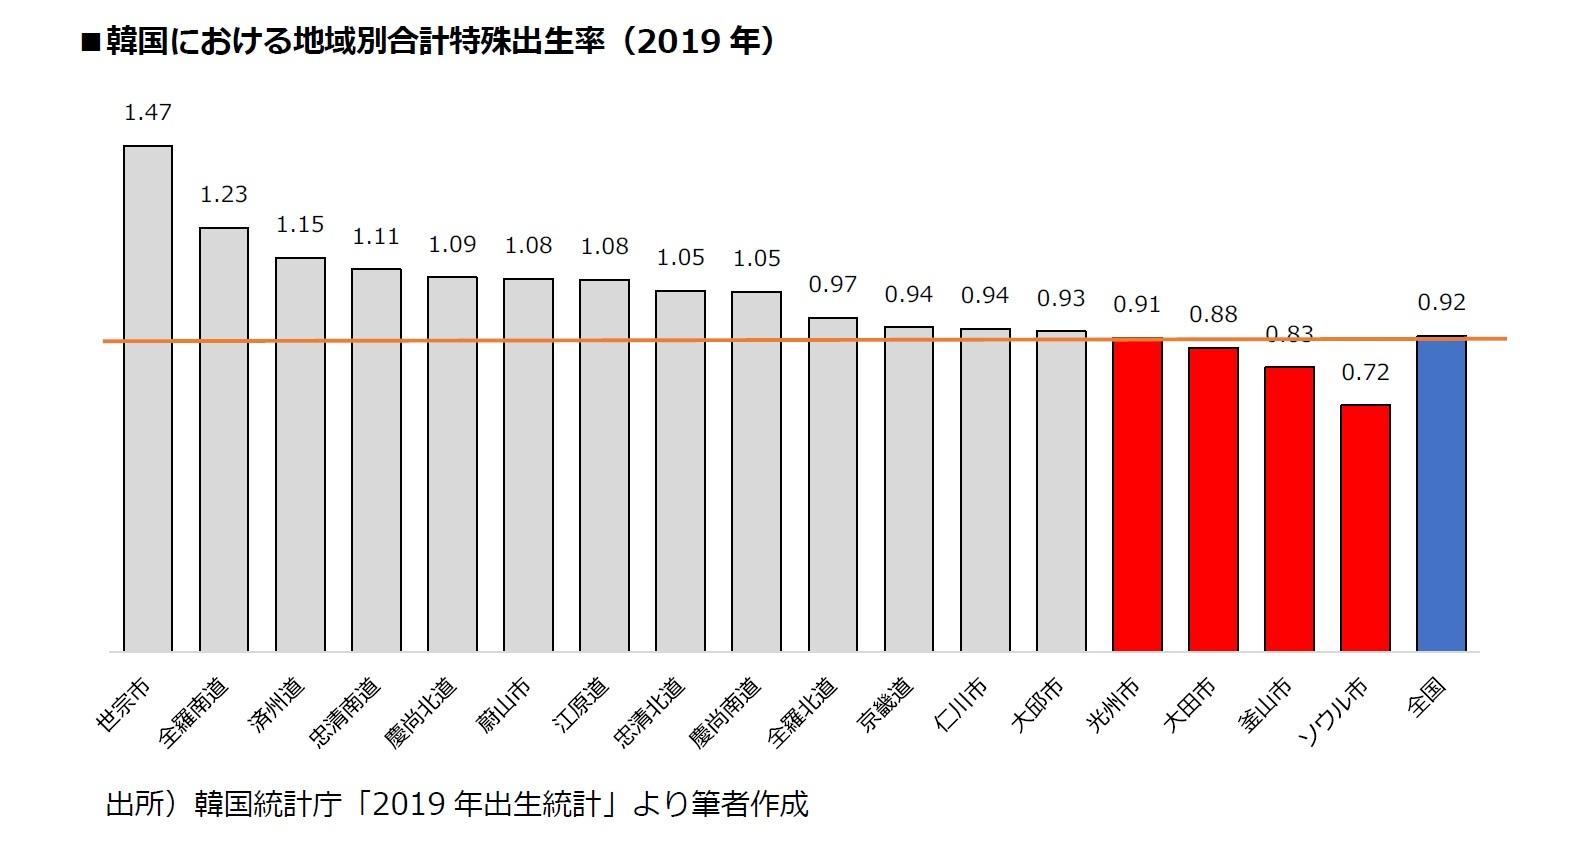 韓国における地域別合計特殊出生率(2019年)